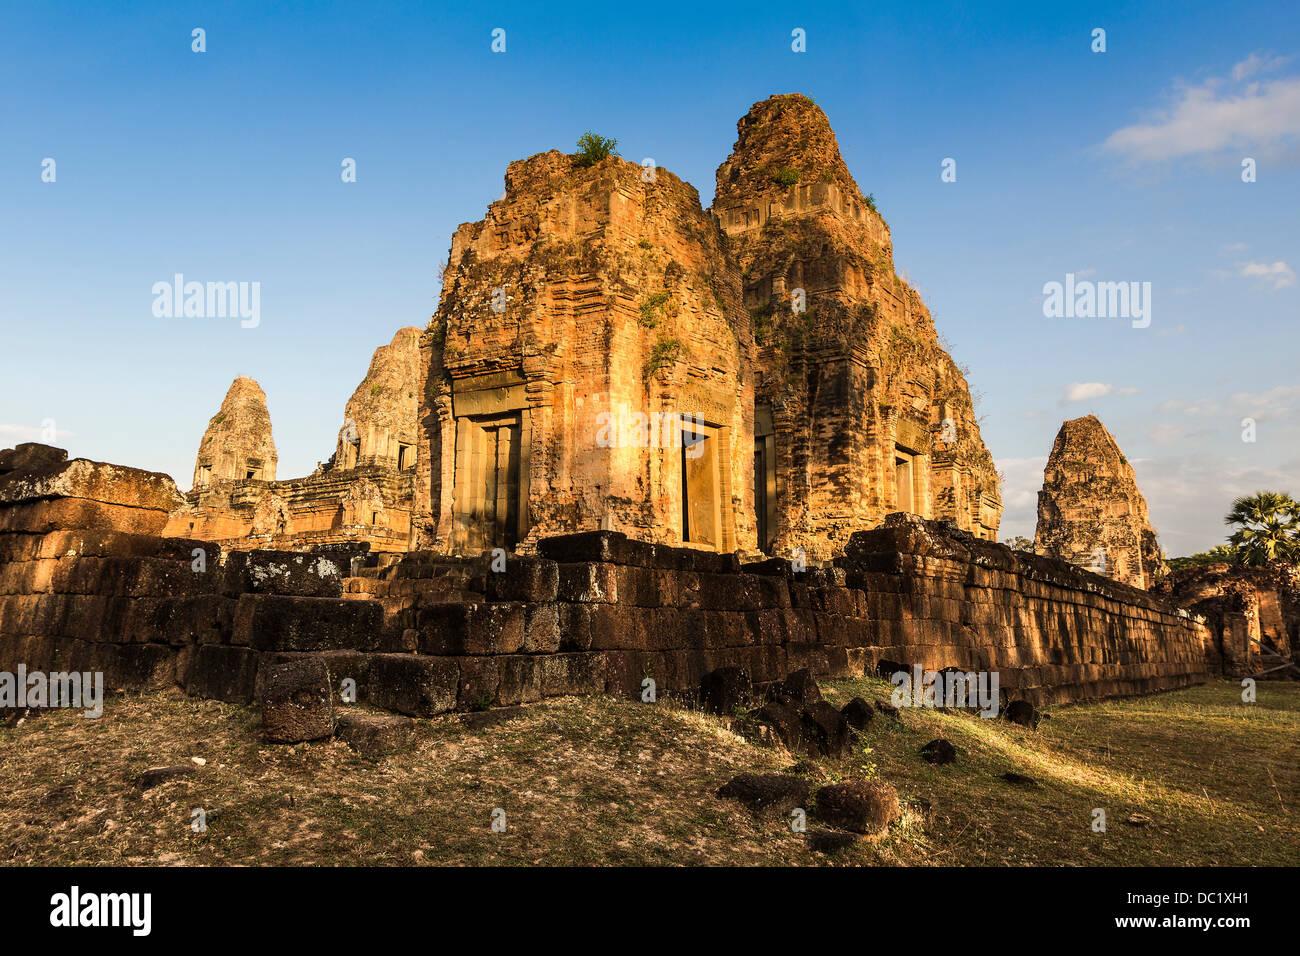 Pre Rup ruins at Angkor Wat, Siem Reap, Cambodia - Stock Image